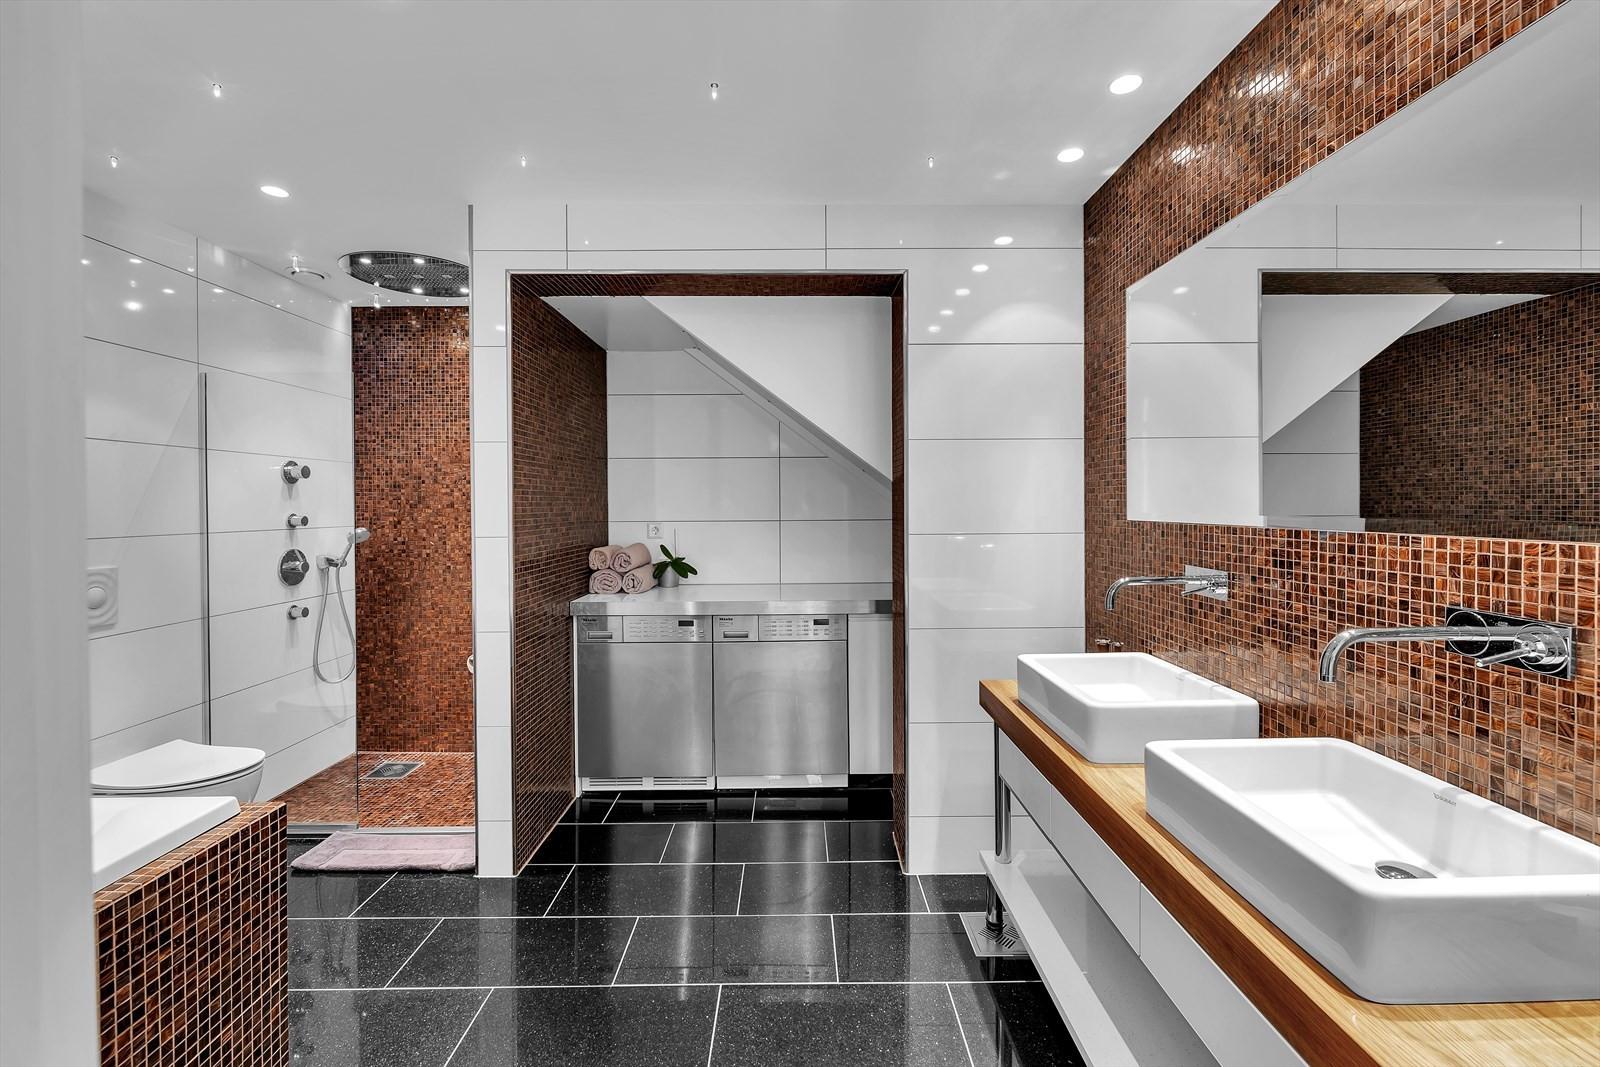 Boligen har ett fresht og nydelig bad! Veggmontert WC, dobbelt servant med skap, boblebad og dusjhjørne. Integrerte vaskemaskin og tørketrommel.